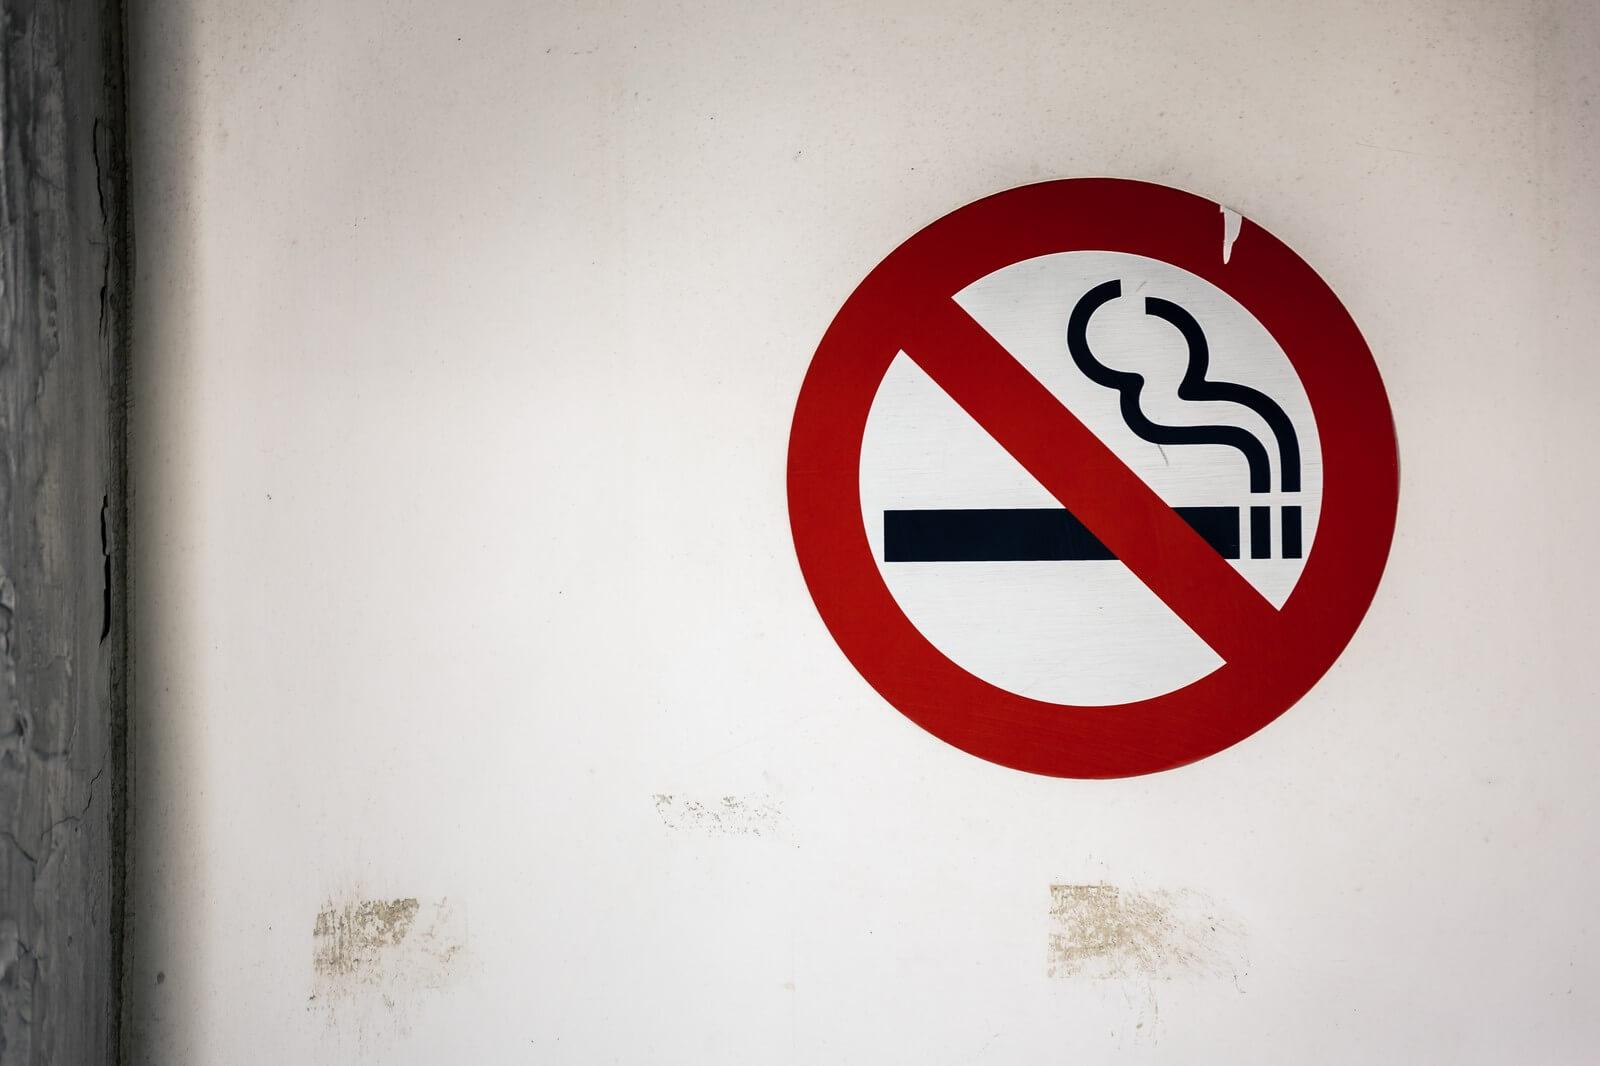 2020年に向けて三次喫煙の防止の取り組みが加速化します!